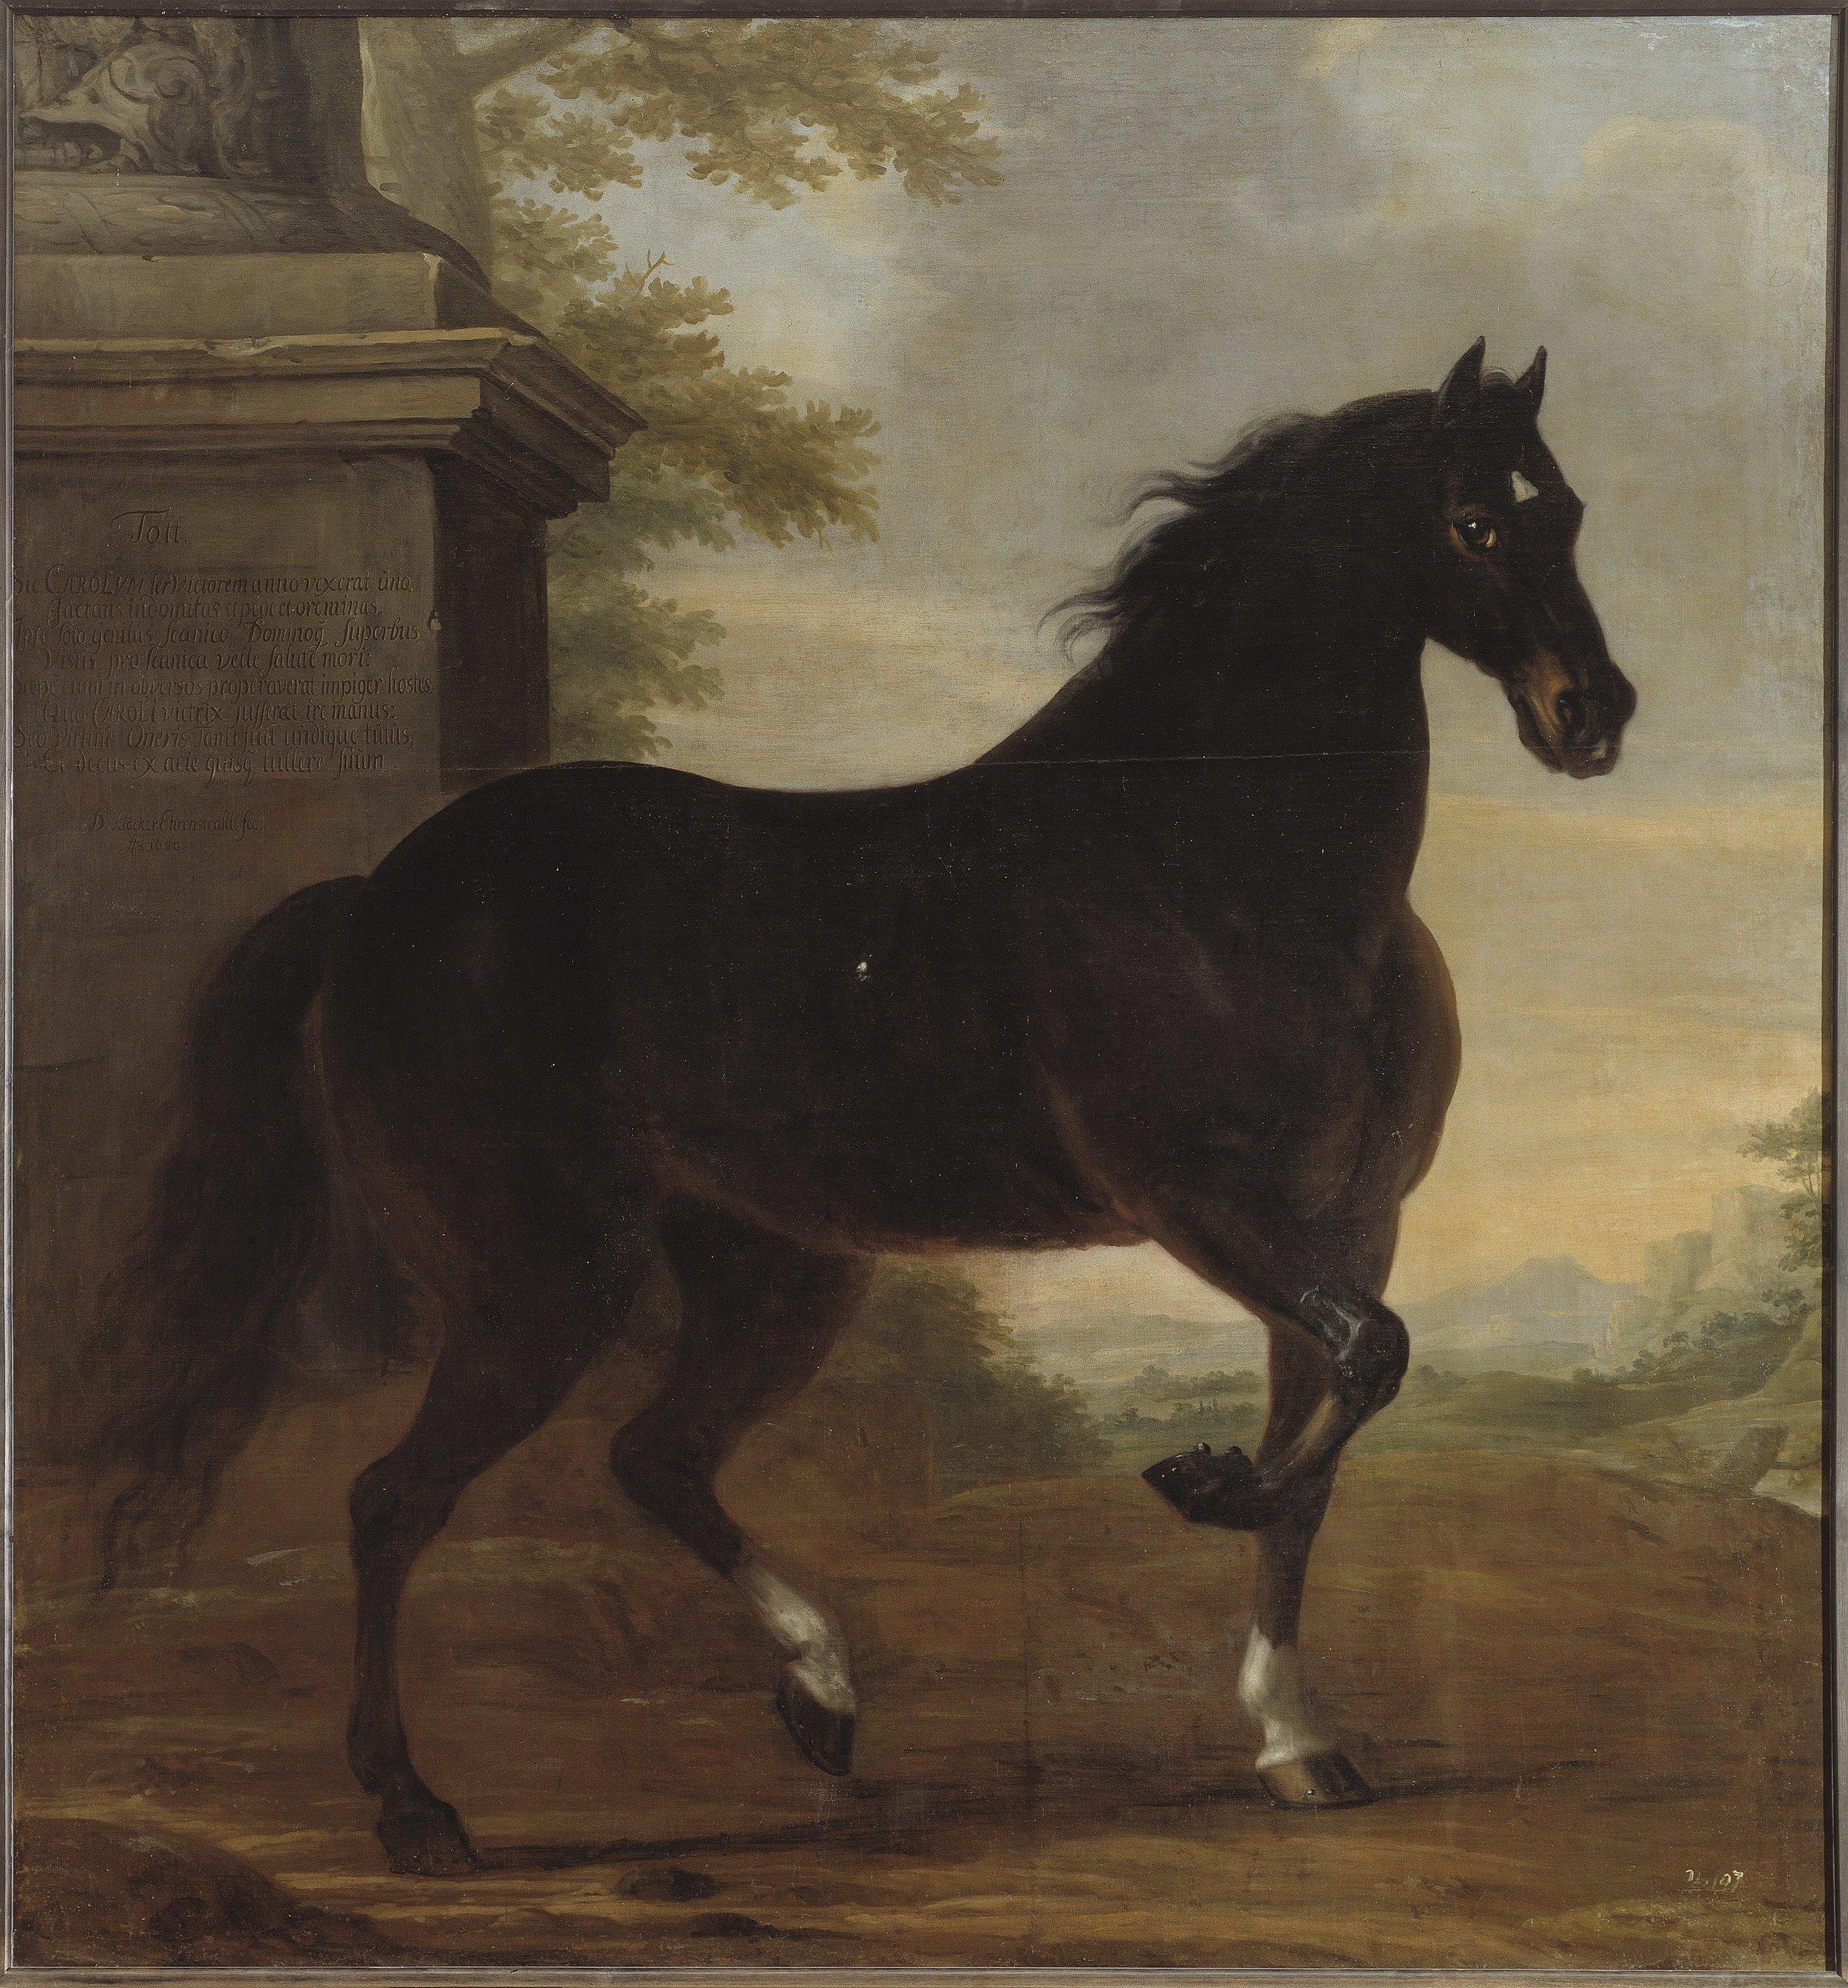 David Klöcker Ehrenstrahl, Karl XIs livhäst Tott, 1680, Nationalmuseum